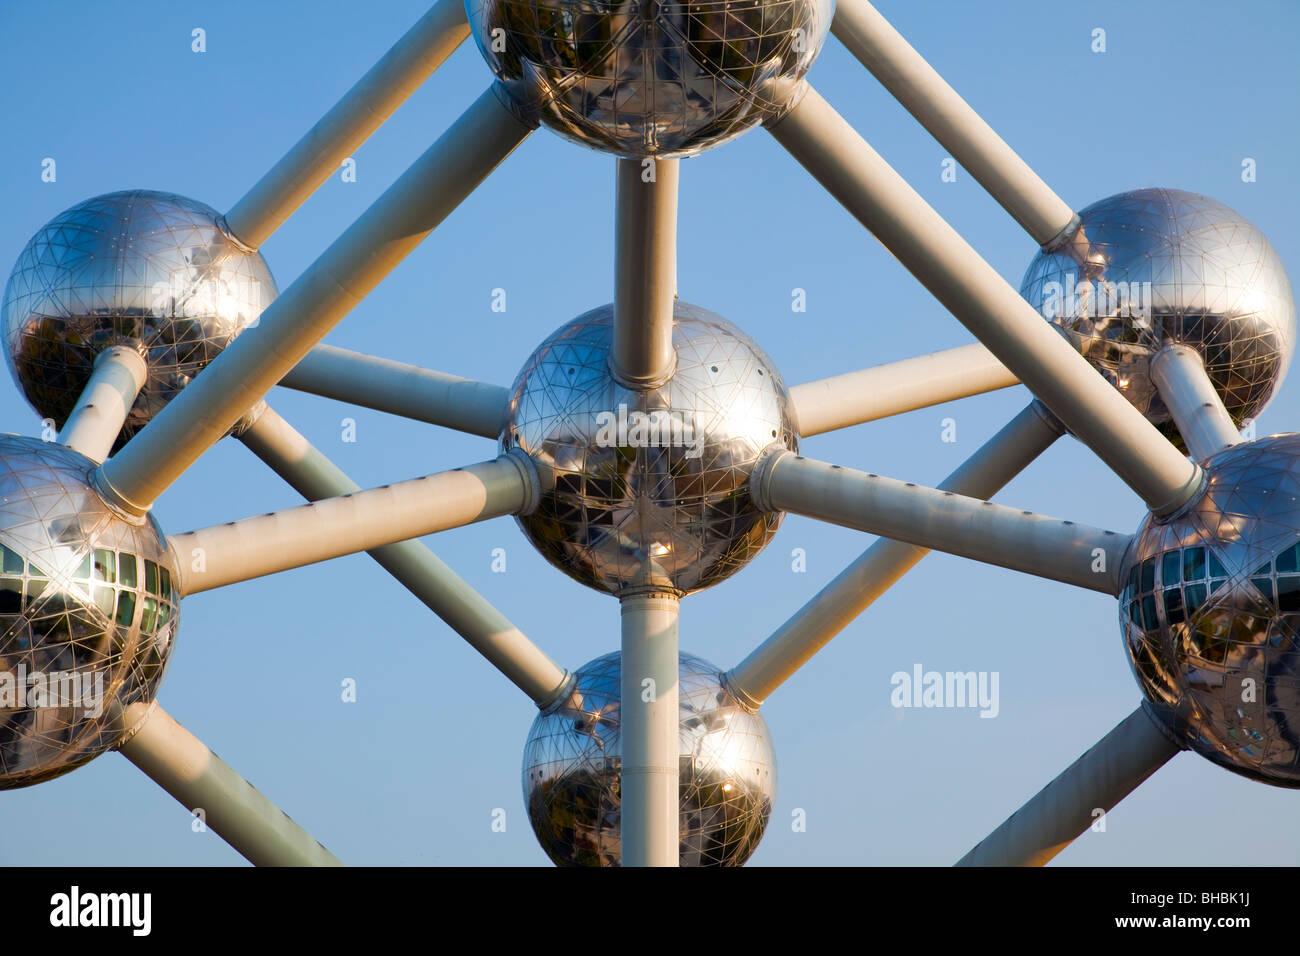 'The Atomium' Brussels Belgium - Stock Image